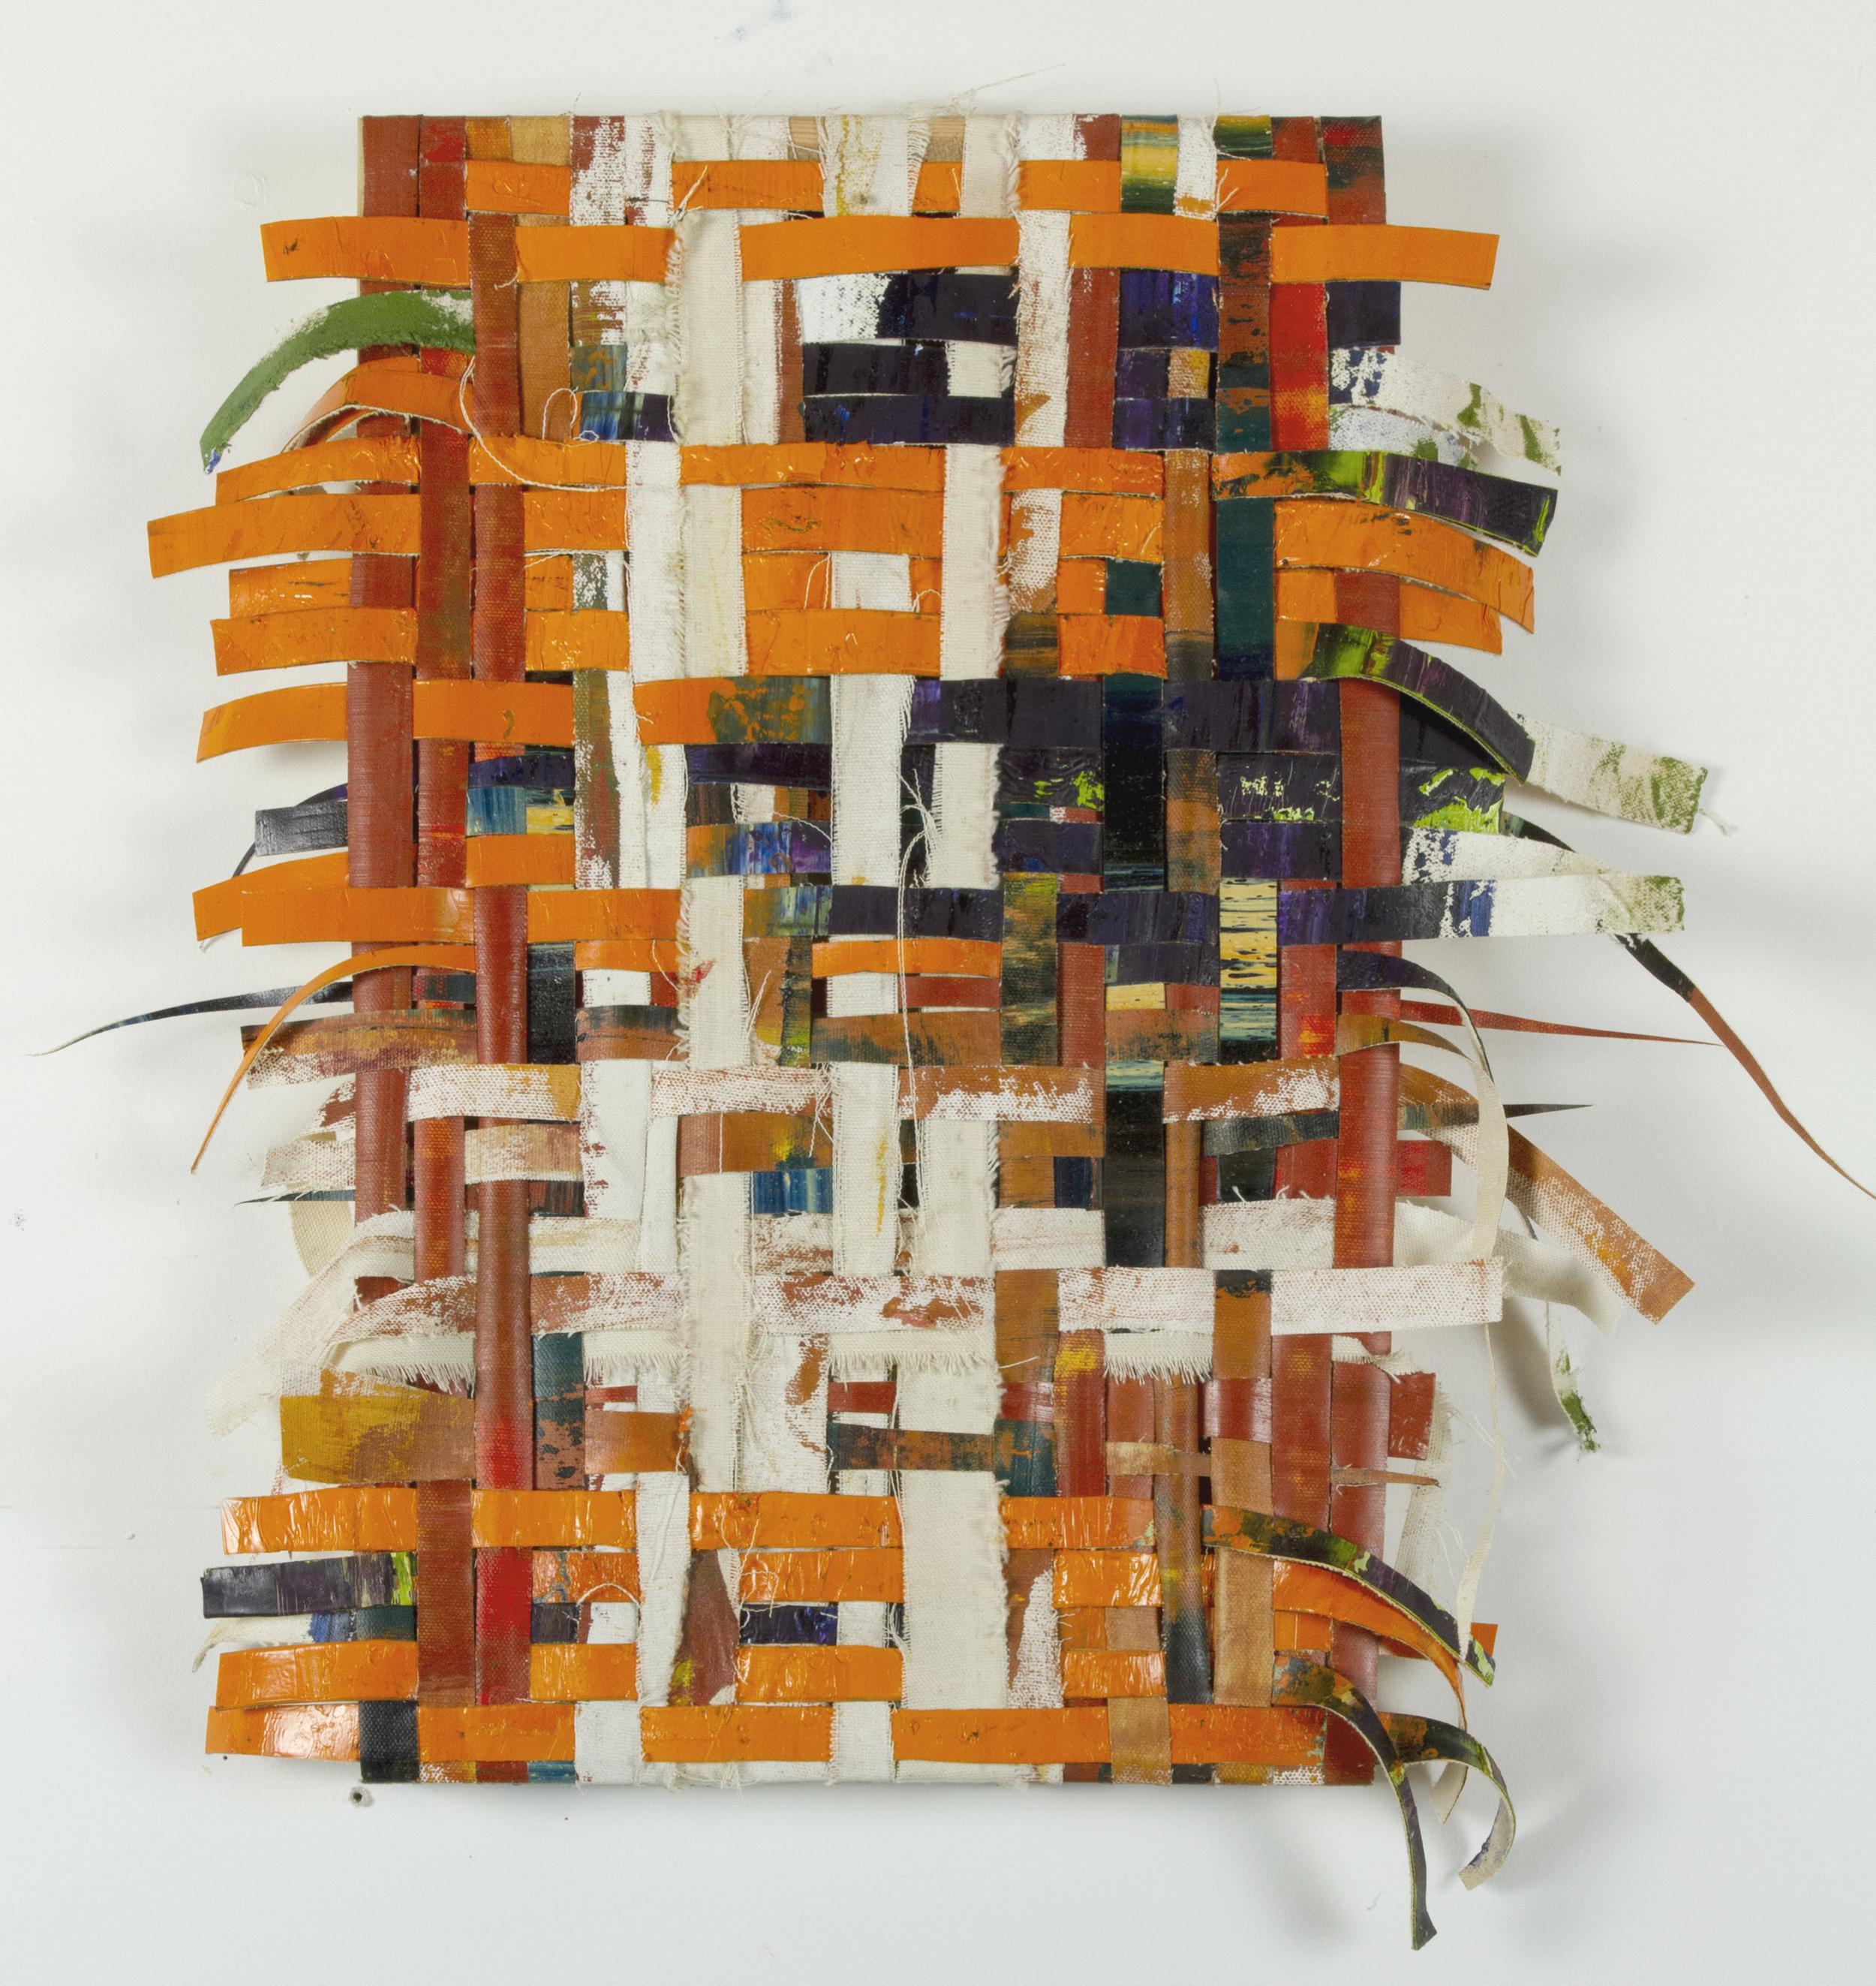 scrap weave, 2015, oil oncanvas strips, 10.5 x 18.5